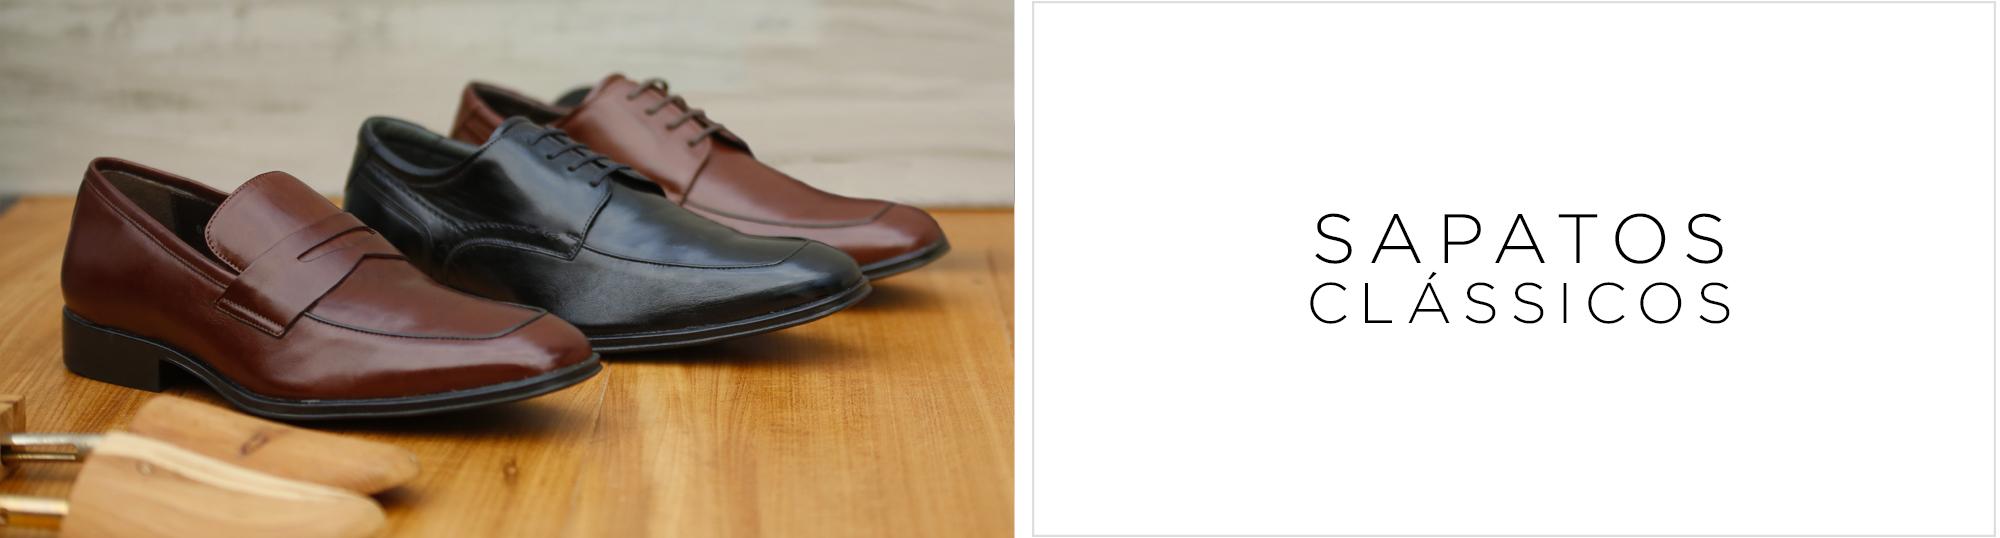 Banner -Men Sapatos Classicos